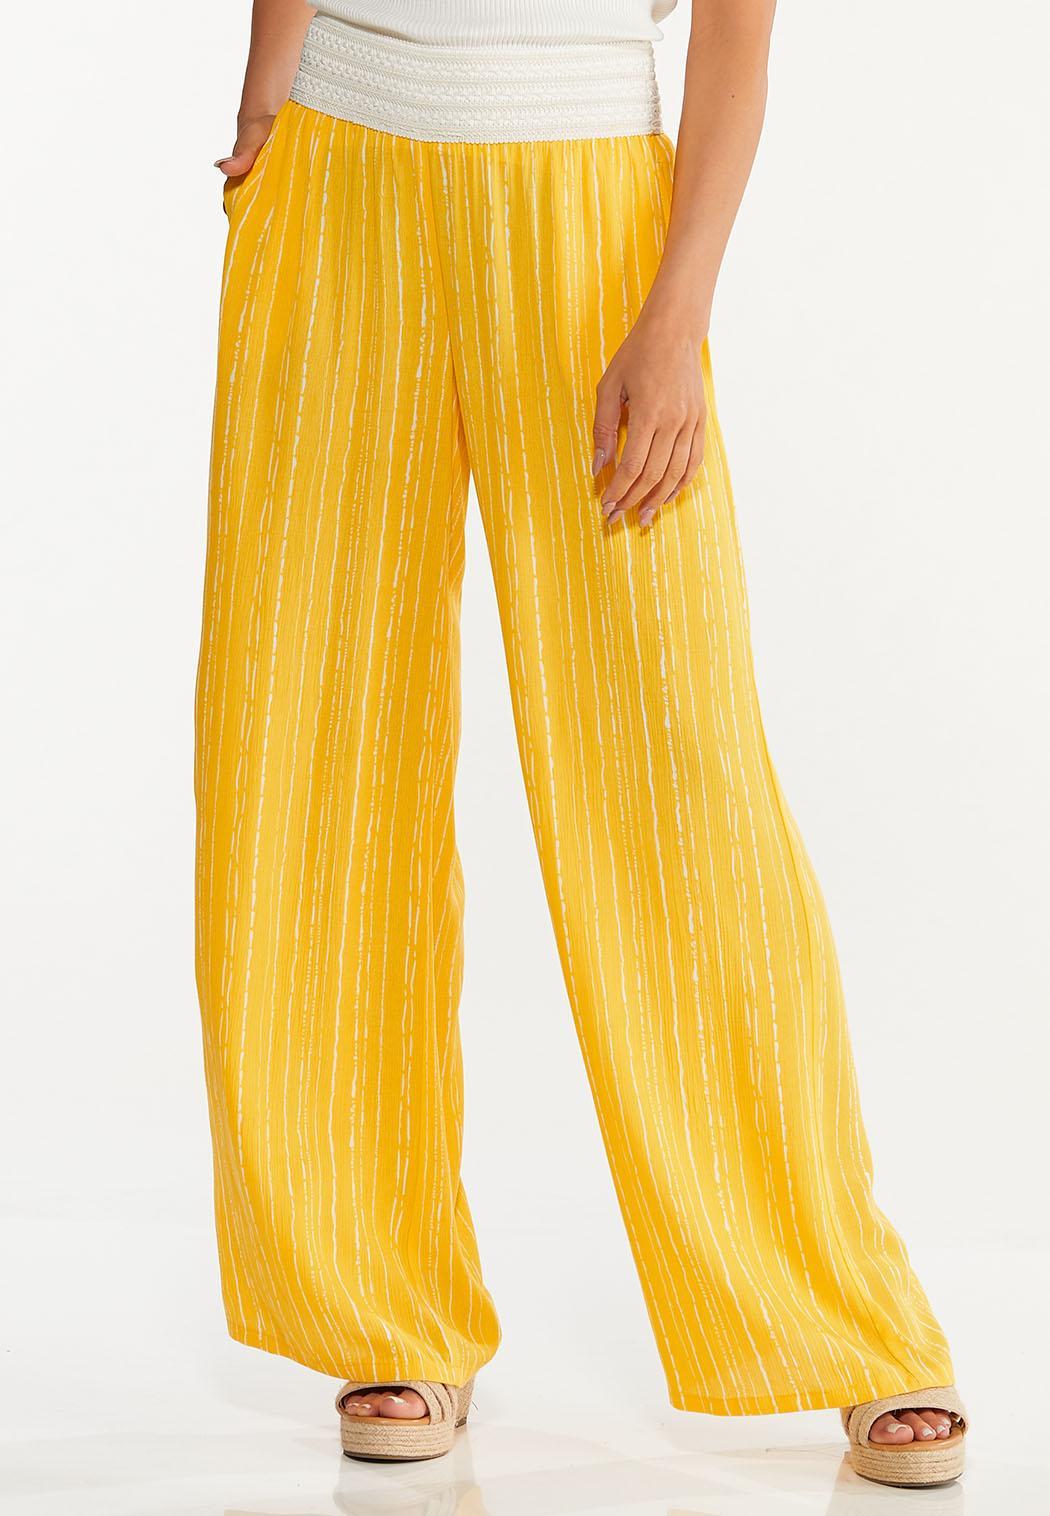 Gold Crochet Waist Pants